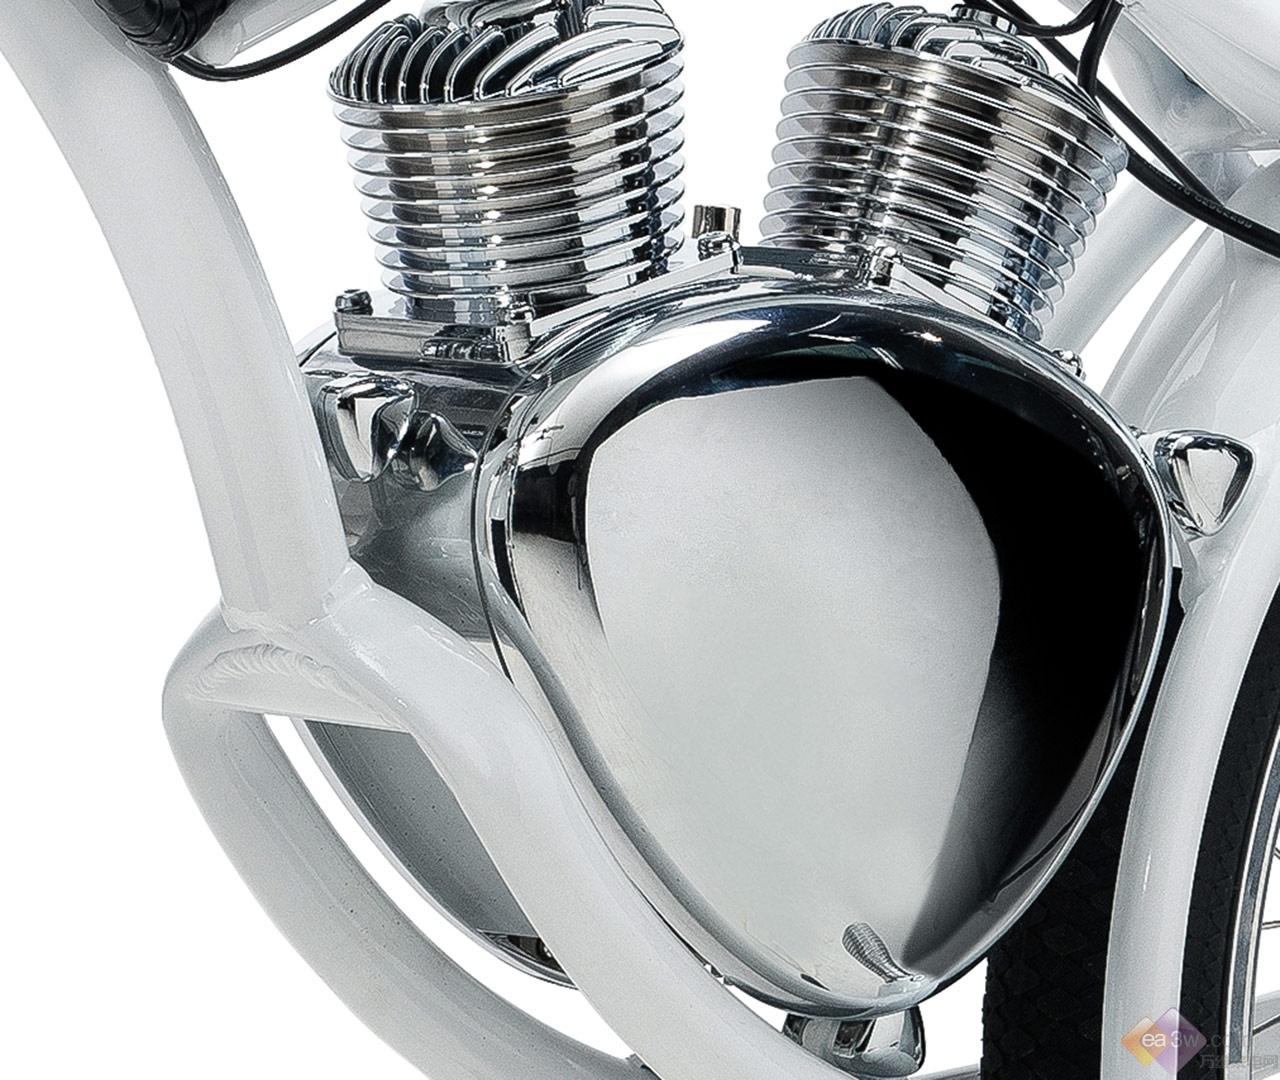 新能源出行领域杀入劲旅 门罗旗下两轮电动车惊艳CES